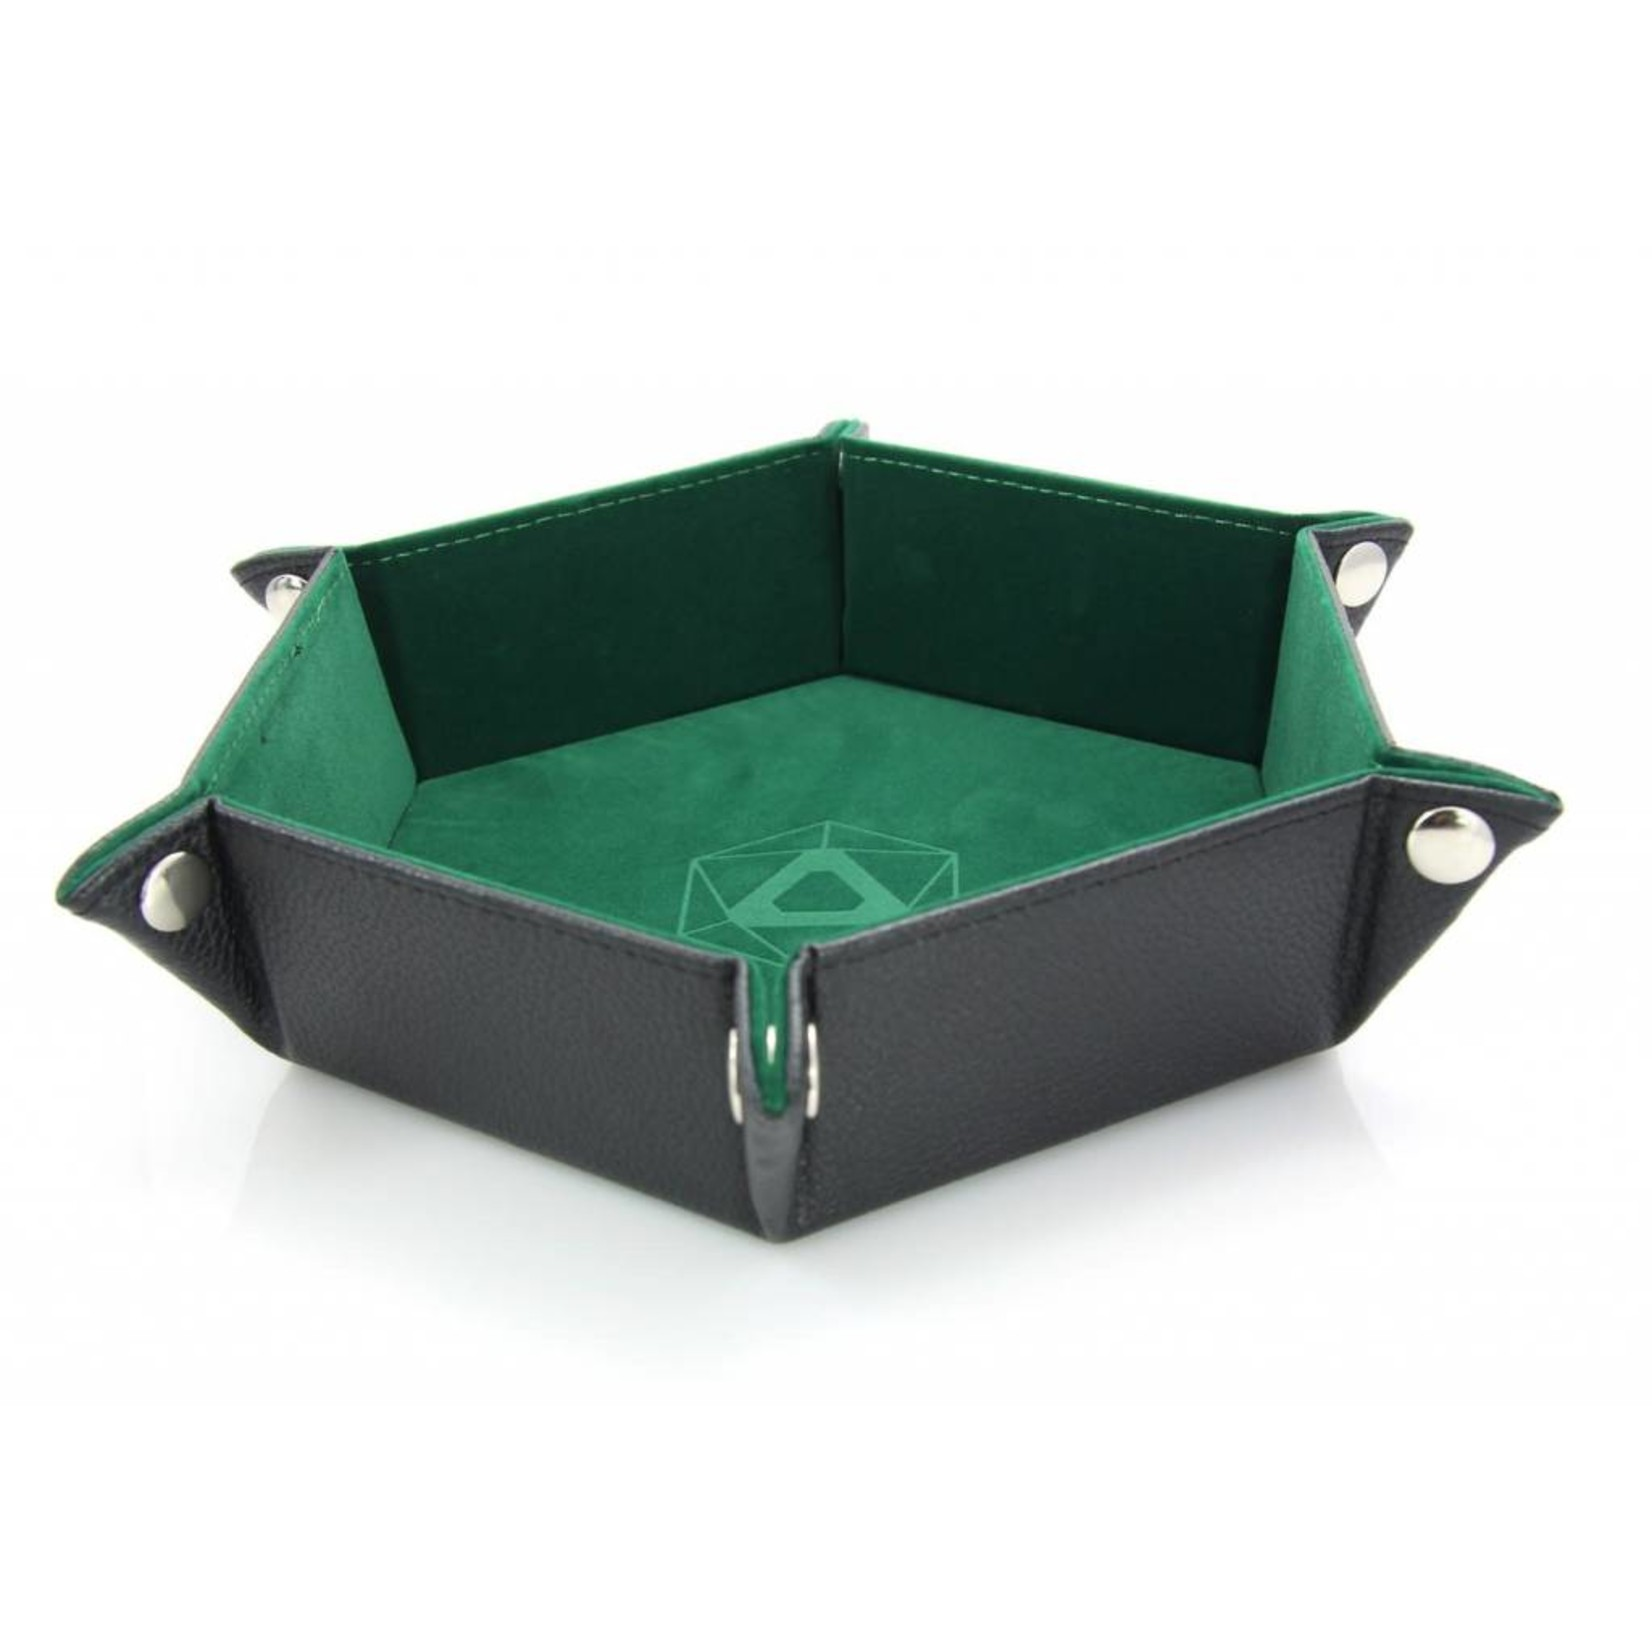 Die Hard Dice Die Hard Dice: Folding Hex Dice Tray - Green